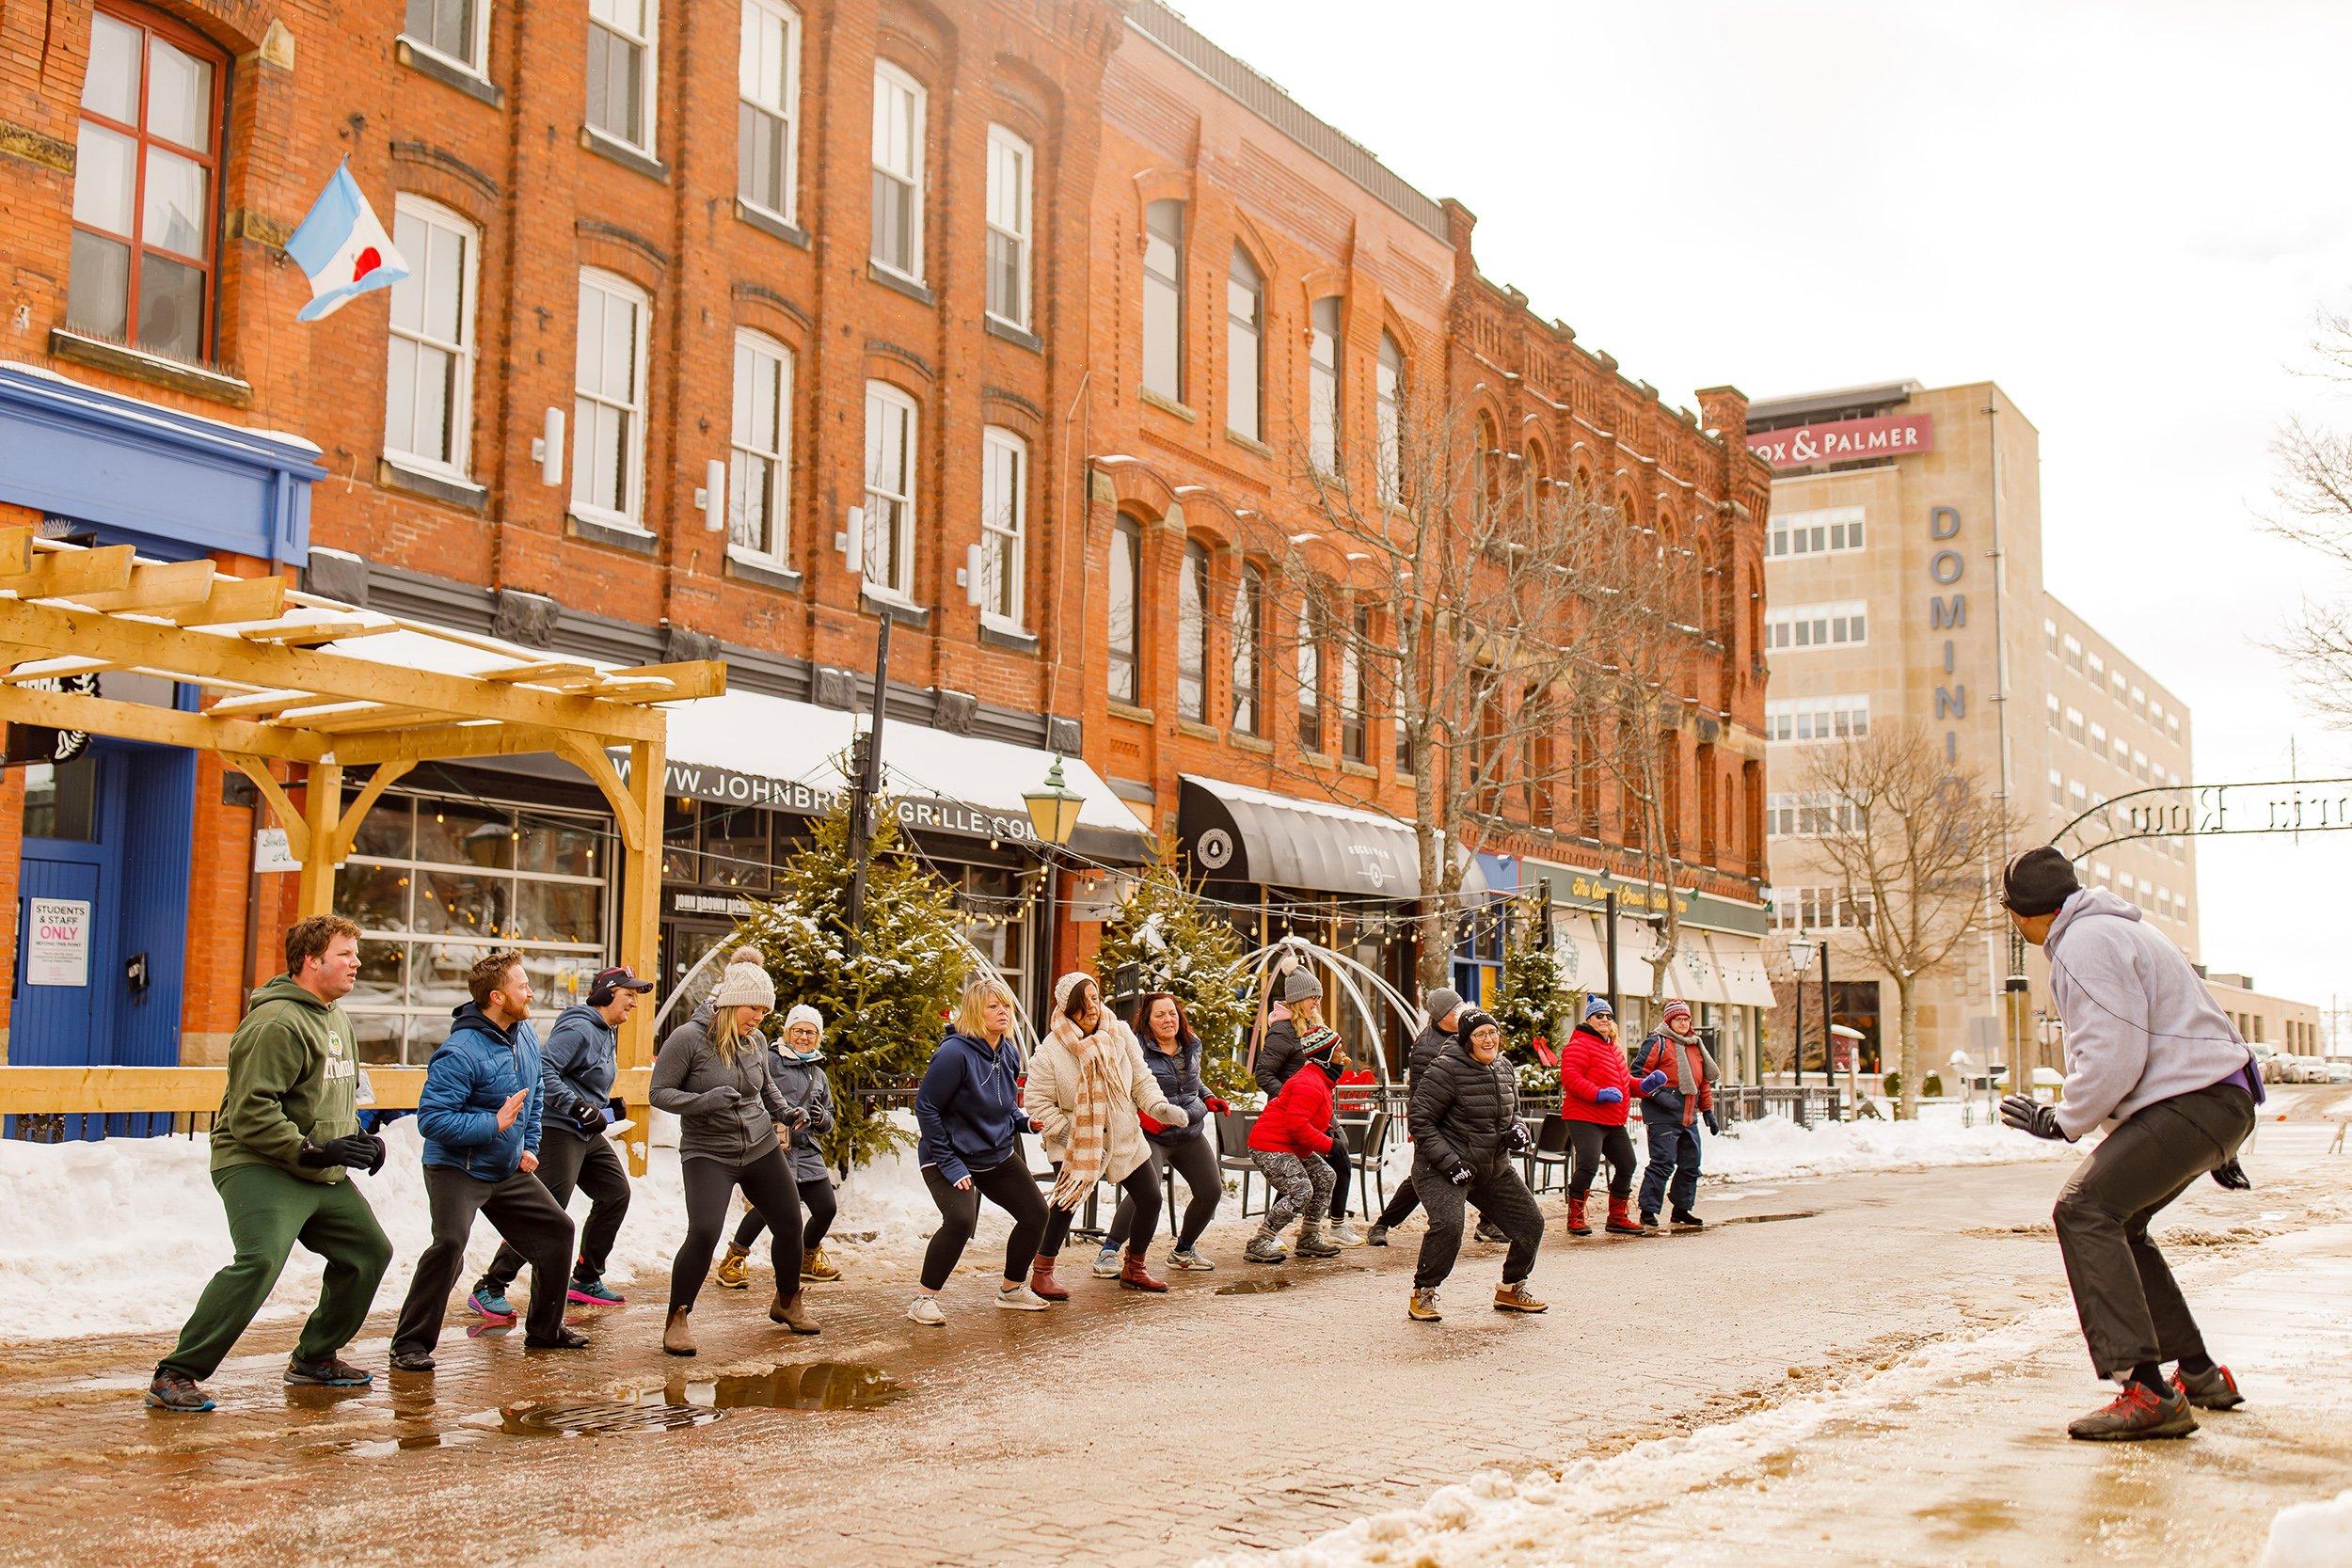 Penduduk Charlottetown mengambil bagian dalam kelas kebugaran luar ruangan gratis; kota ini mendapat skor bagus dalam kategori keterlibatan komunitas dalam peringkat kami (Atas kebaikan DiscoverCharlottetown.com)